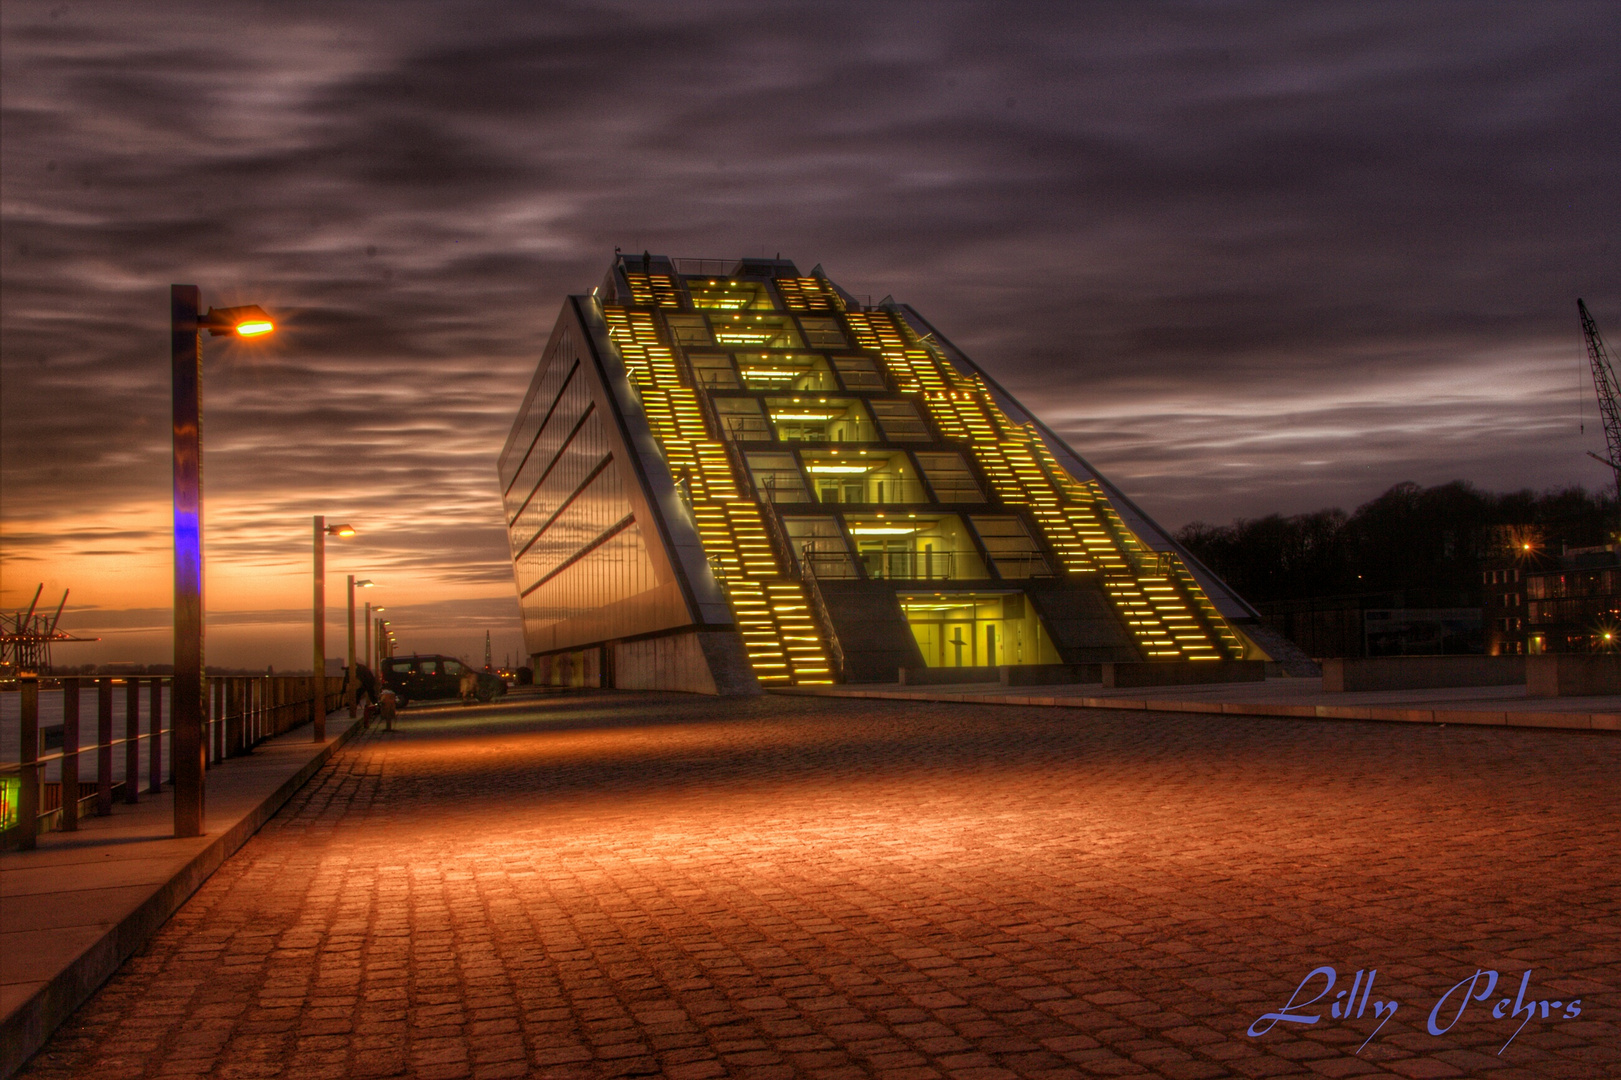 Das Hamburger Dockland bei Sonnenuntergang